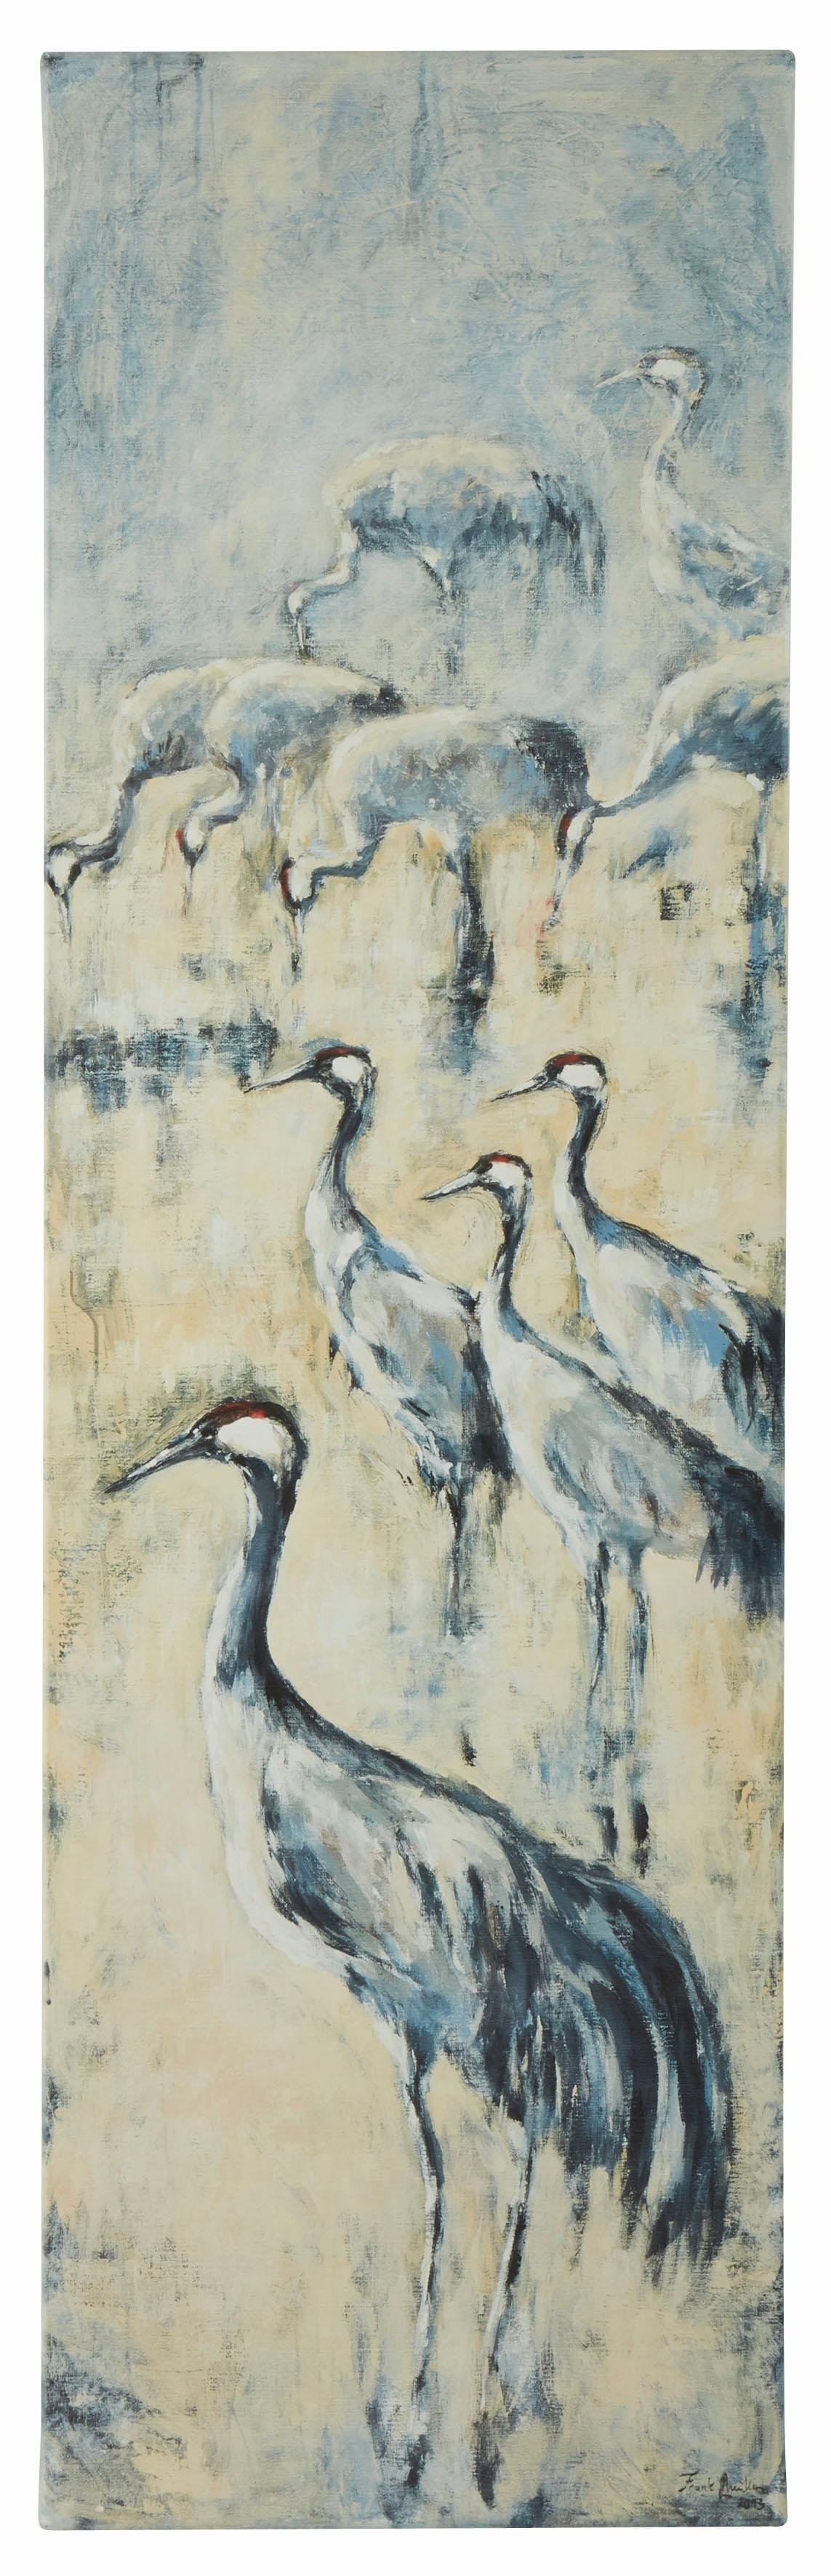 Guido Maria Kretschmer Home&Living wanddecoratie Kraanvogels door frank mutters online kopen op otto.nl